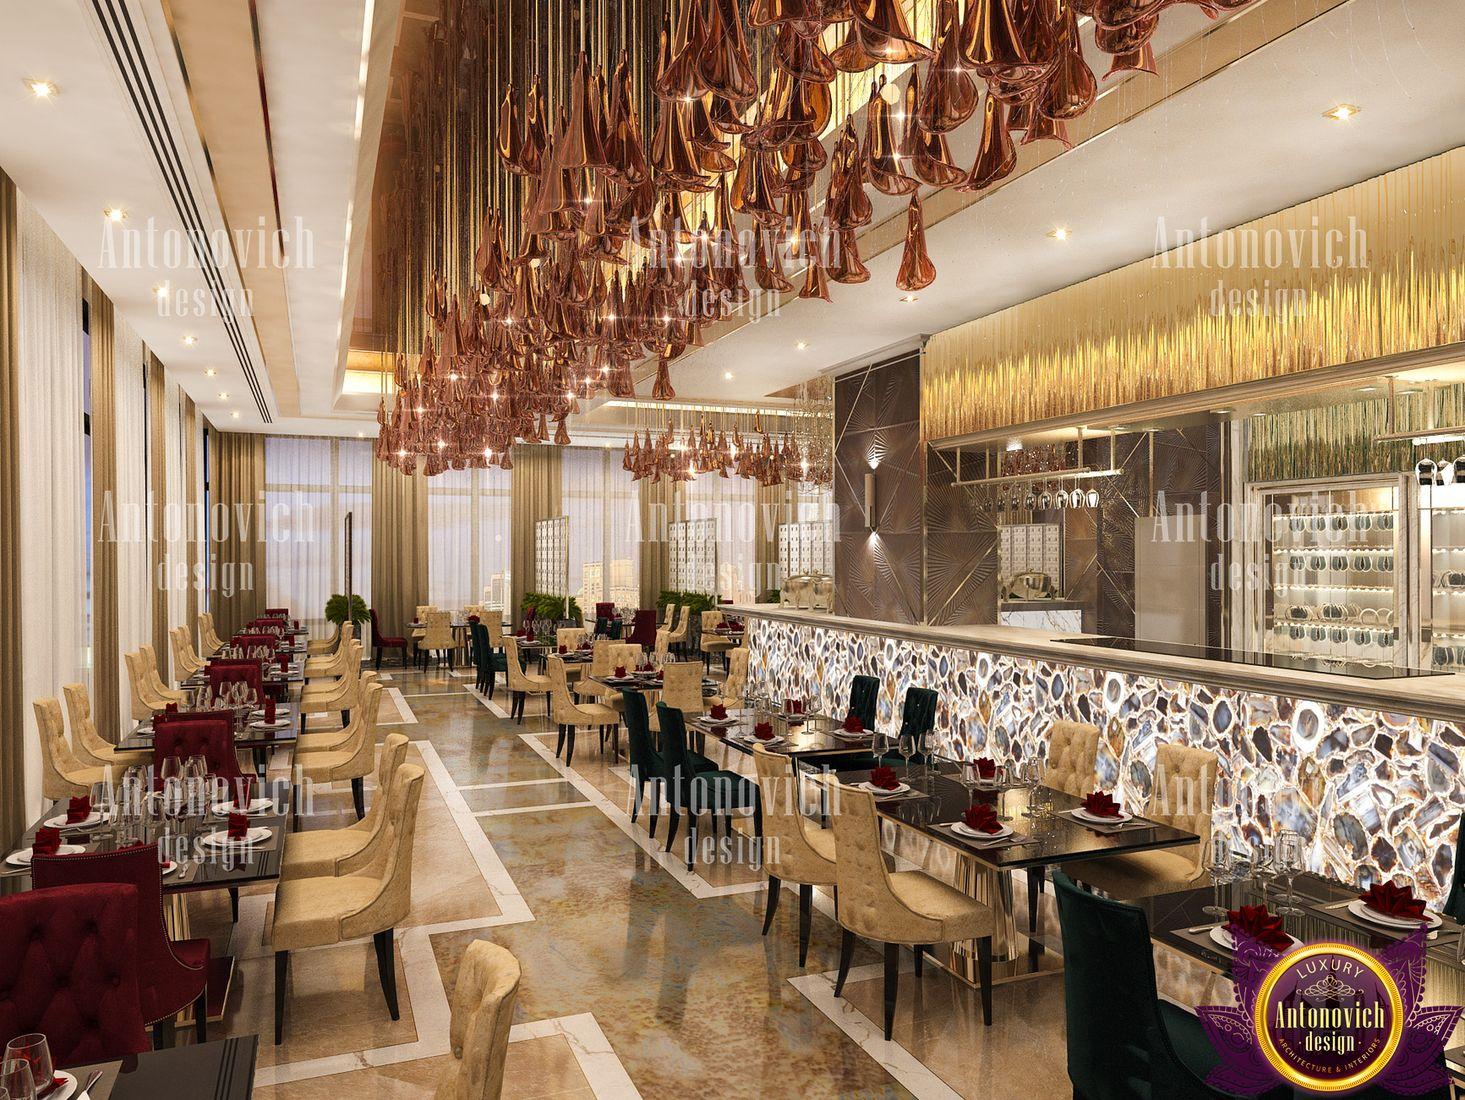 Turkey Interior Design